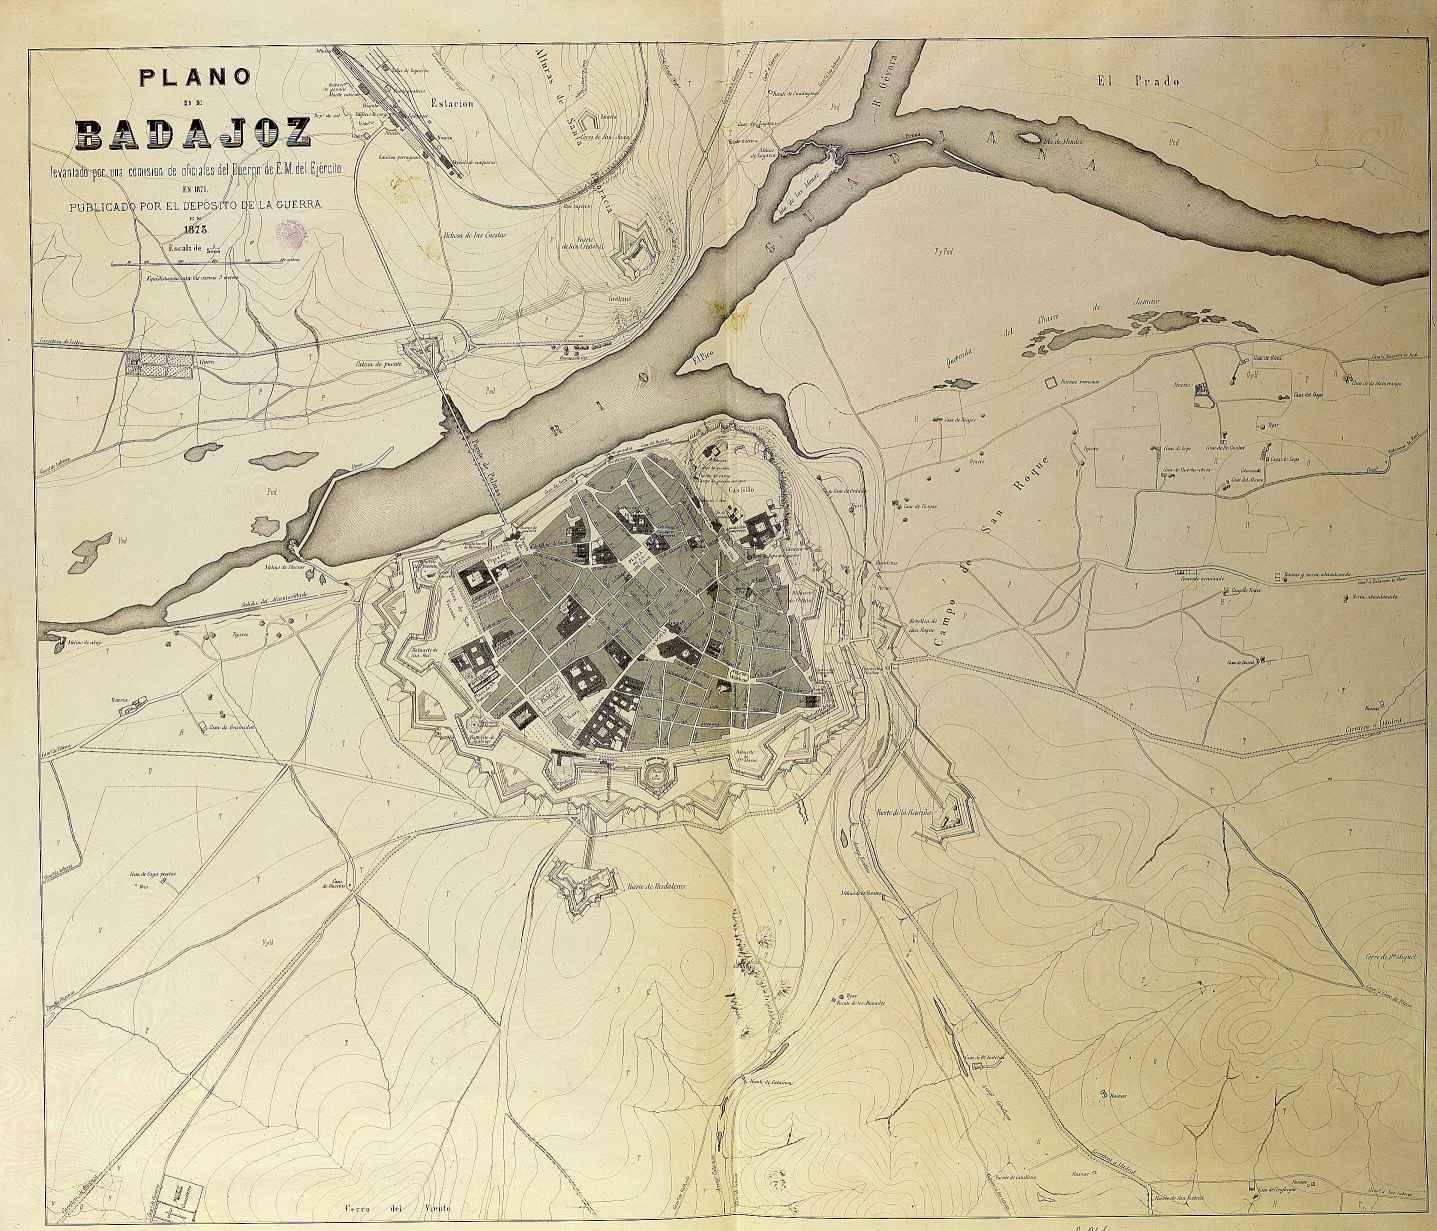 Plano de Badajoz en 1873